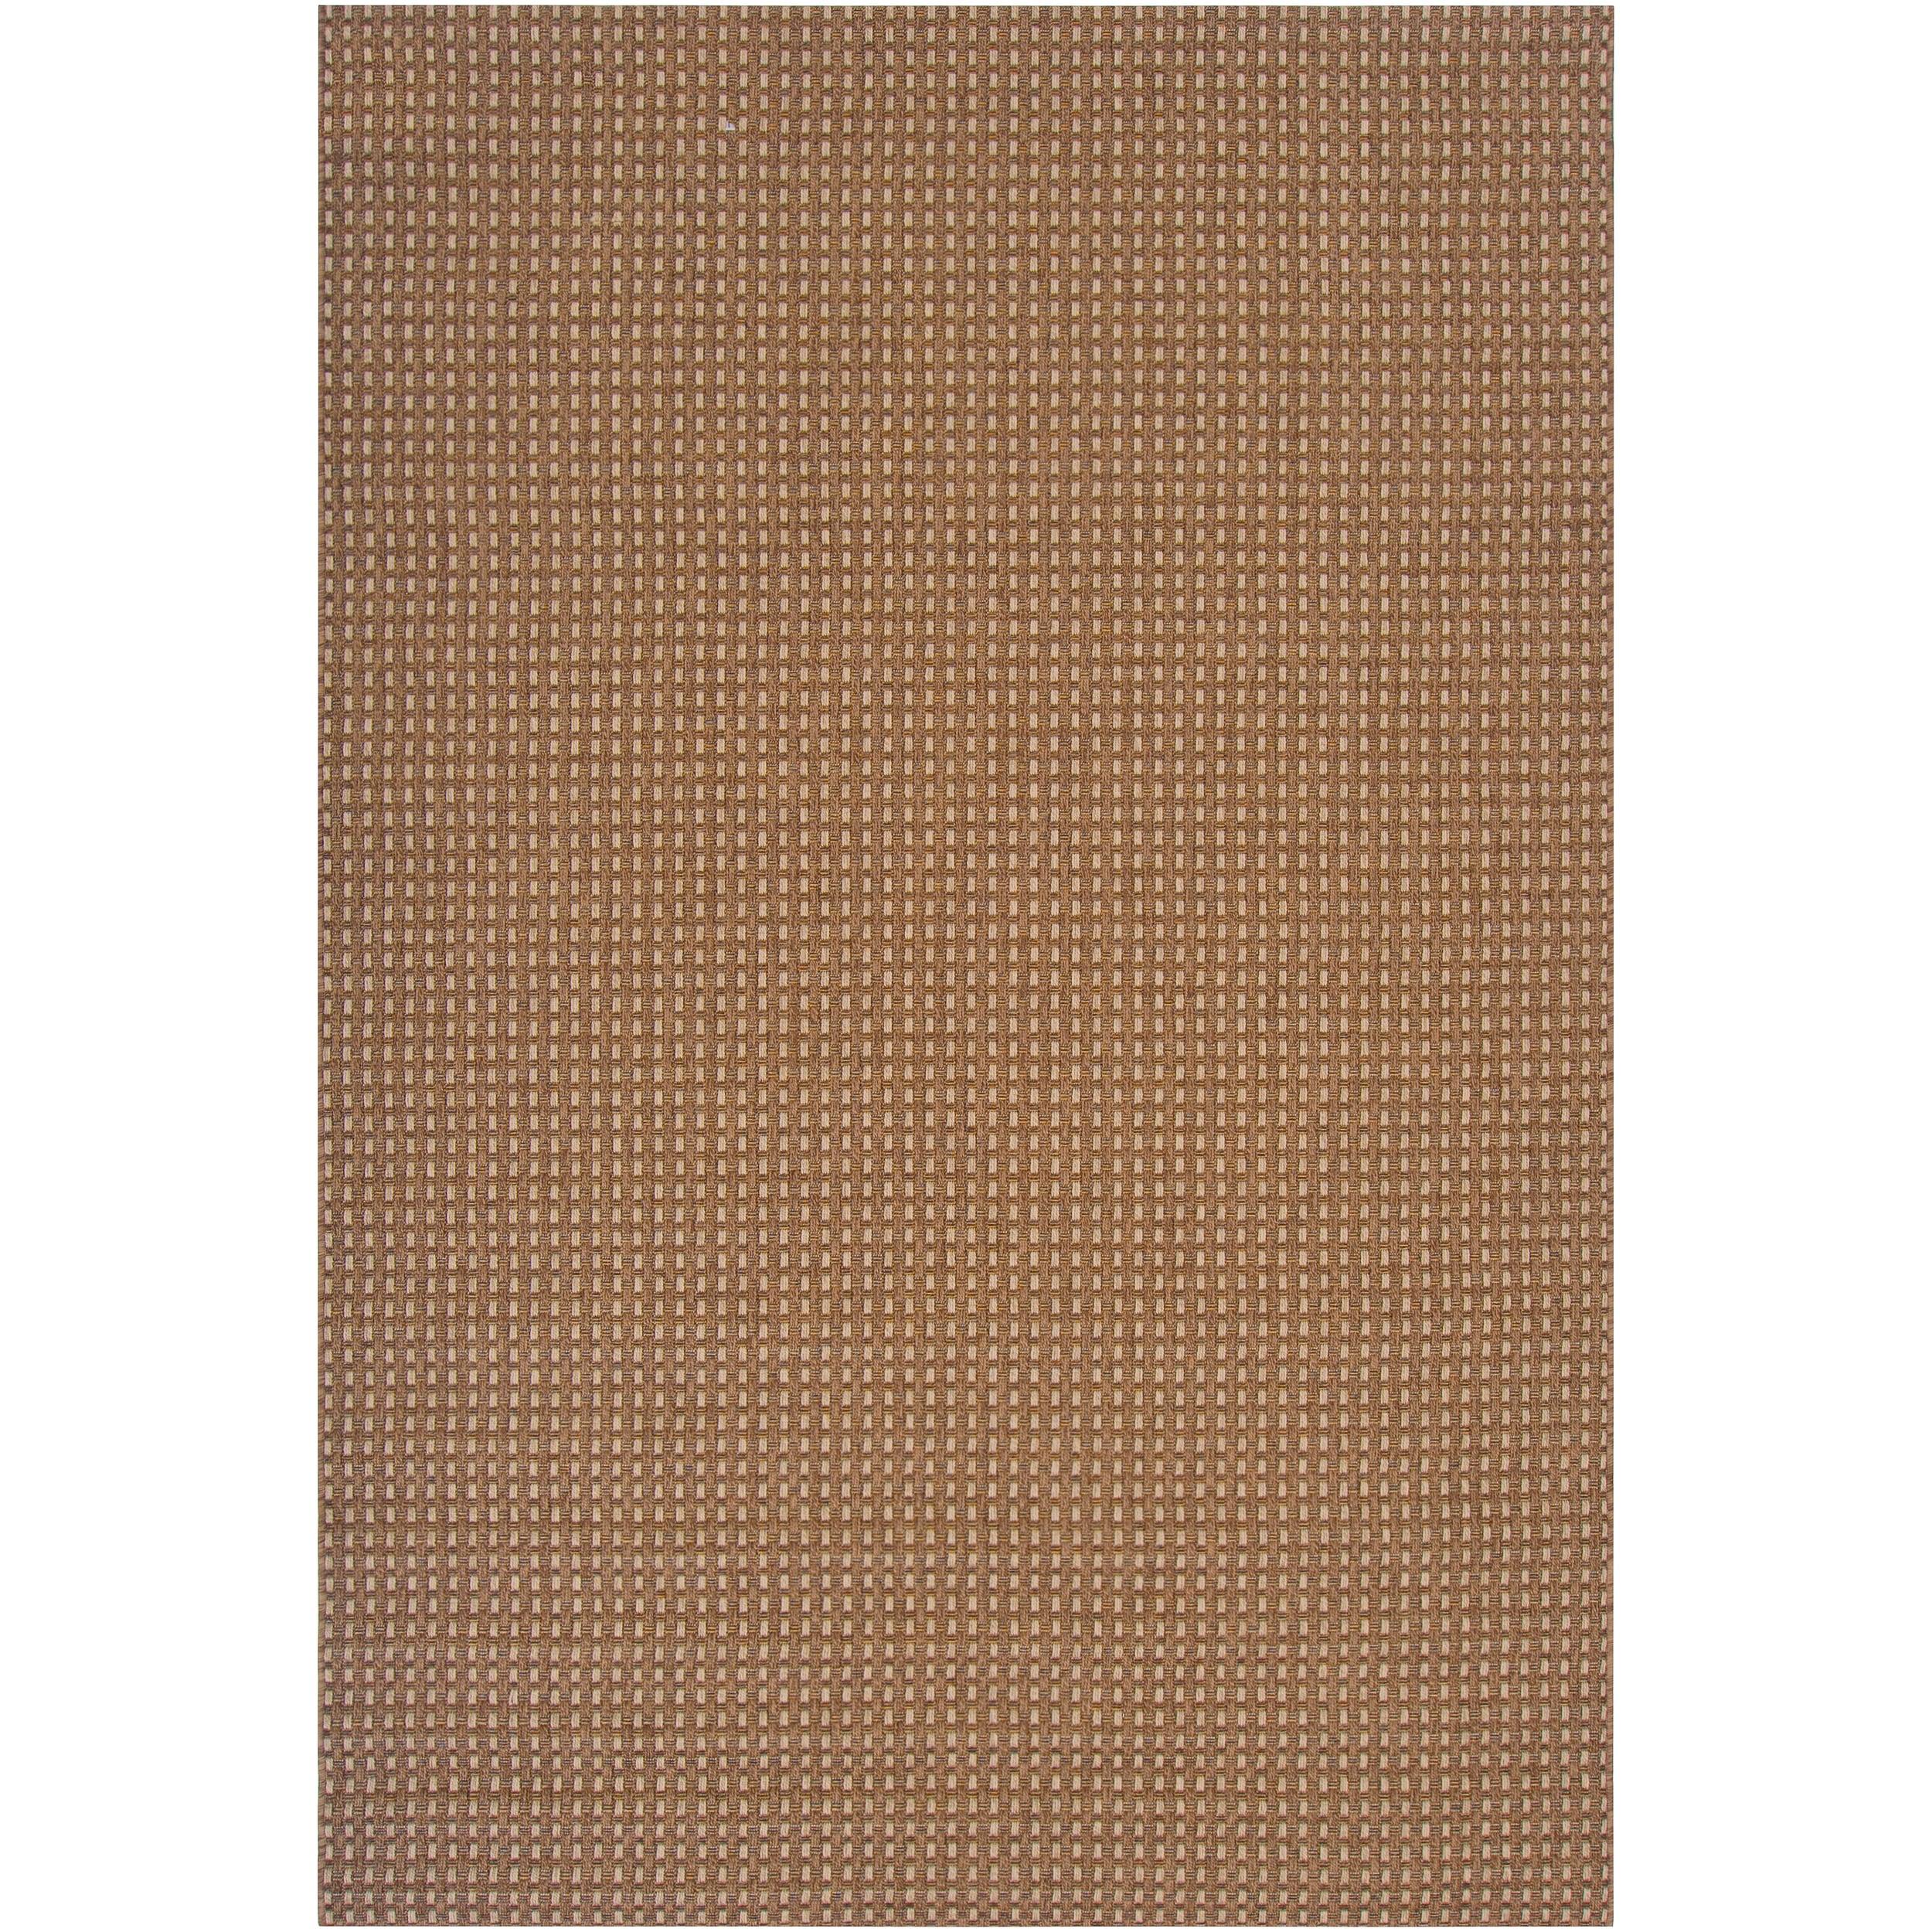 Woven Brown Venatici Indoor/Outdoor Rug (5'3 X 7'6)